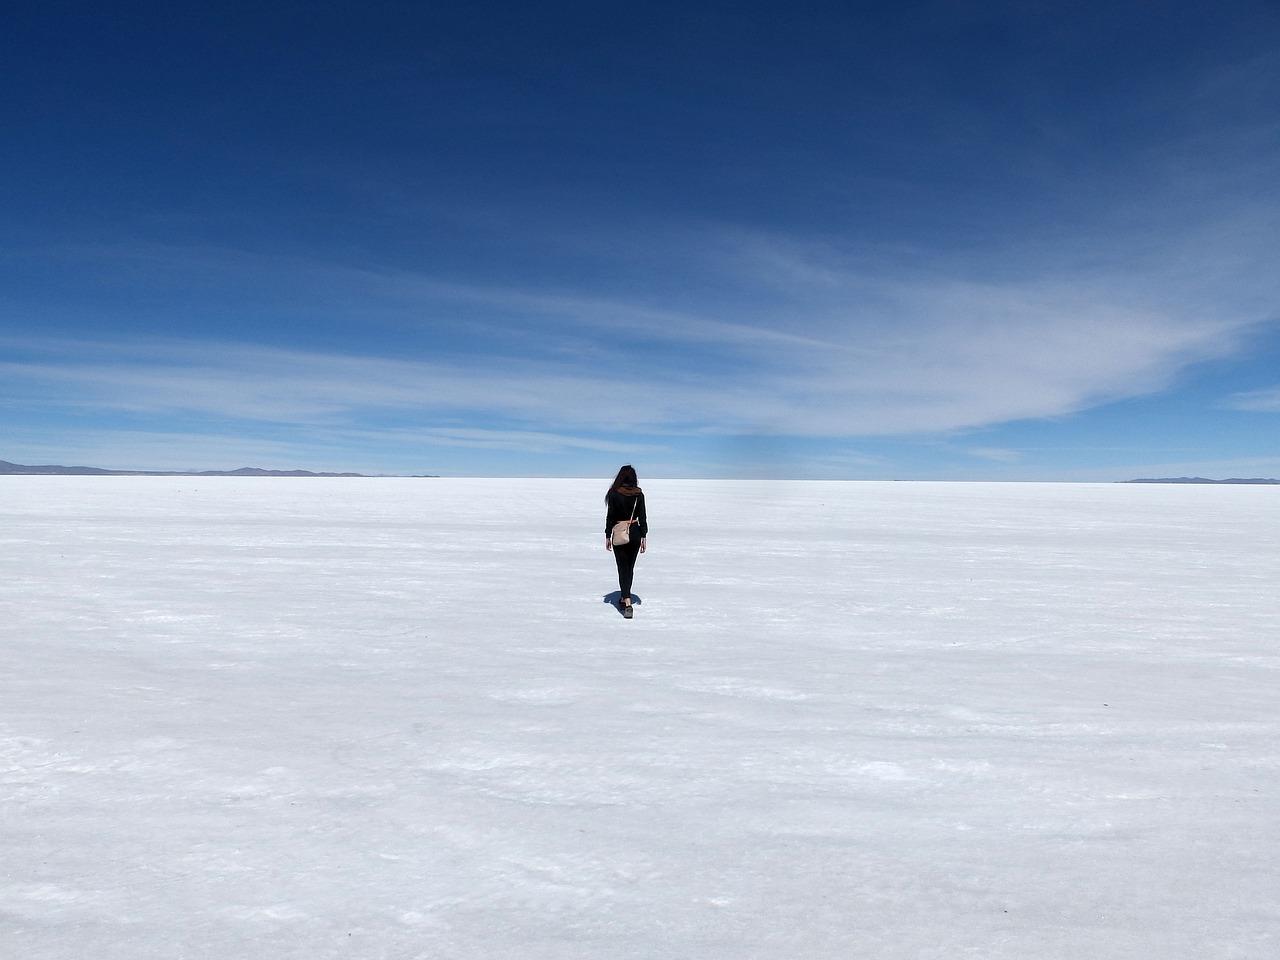 Les immanquables lors d'un séjour sportif en Bolivie